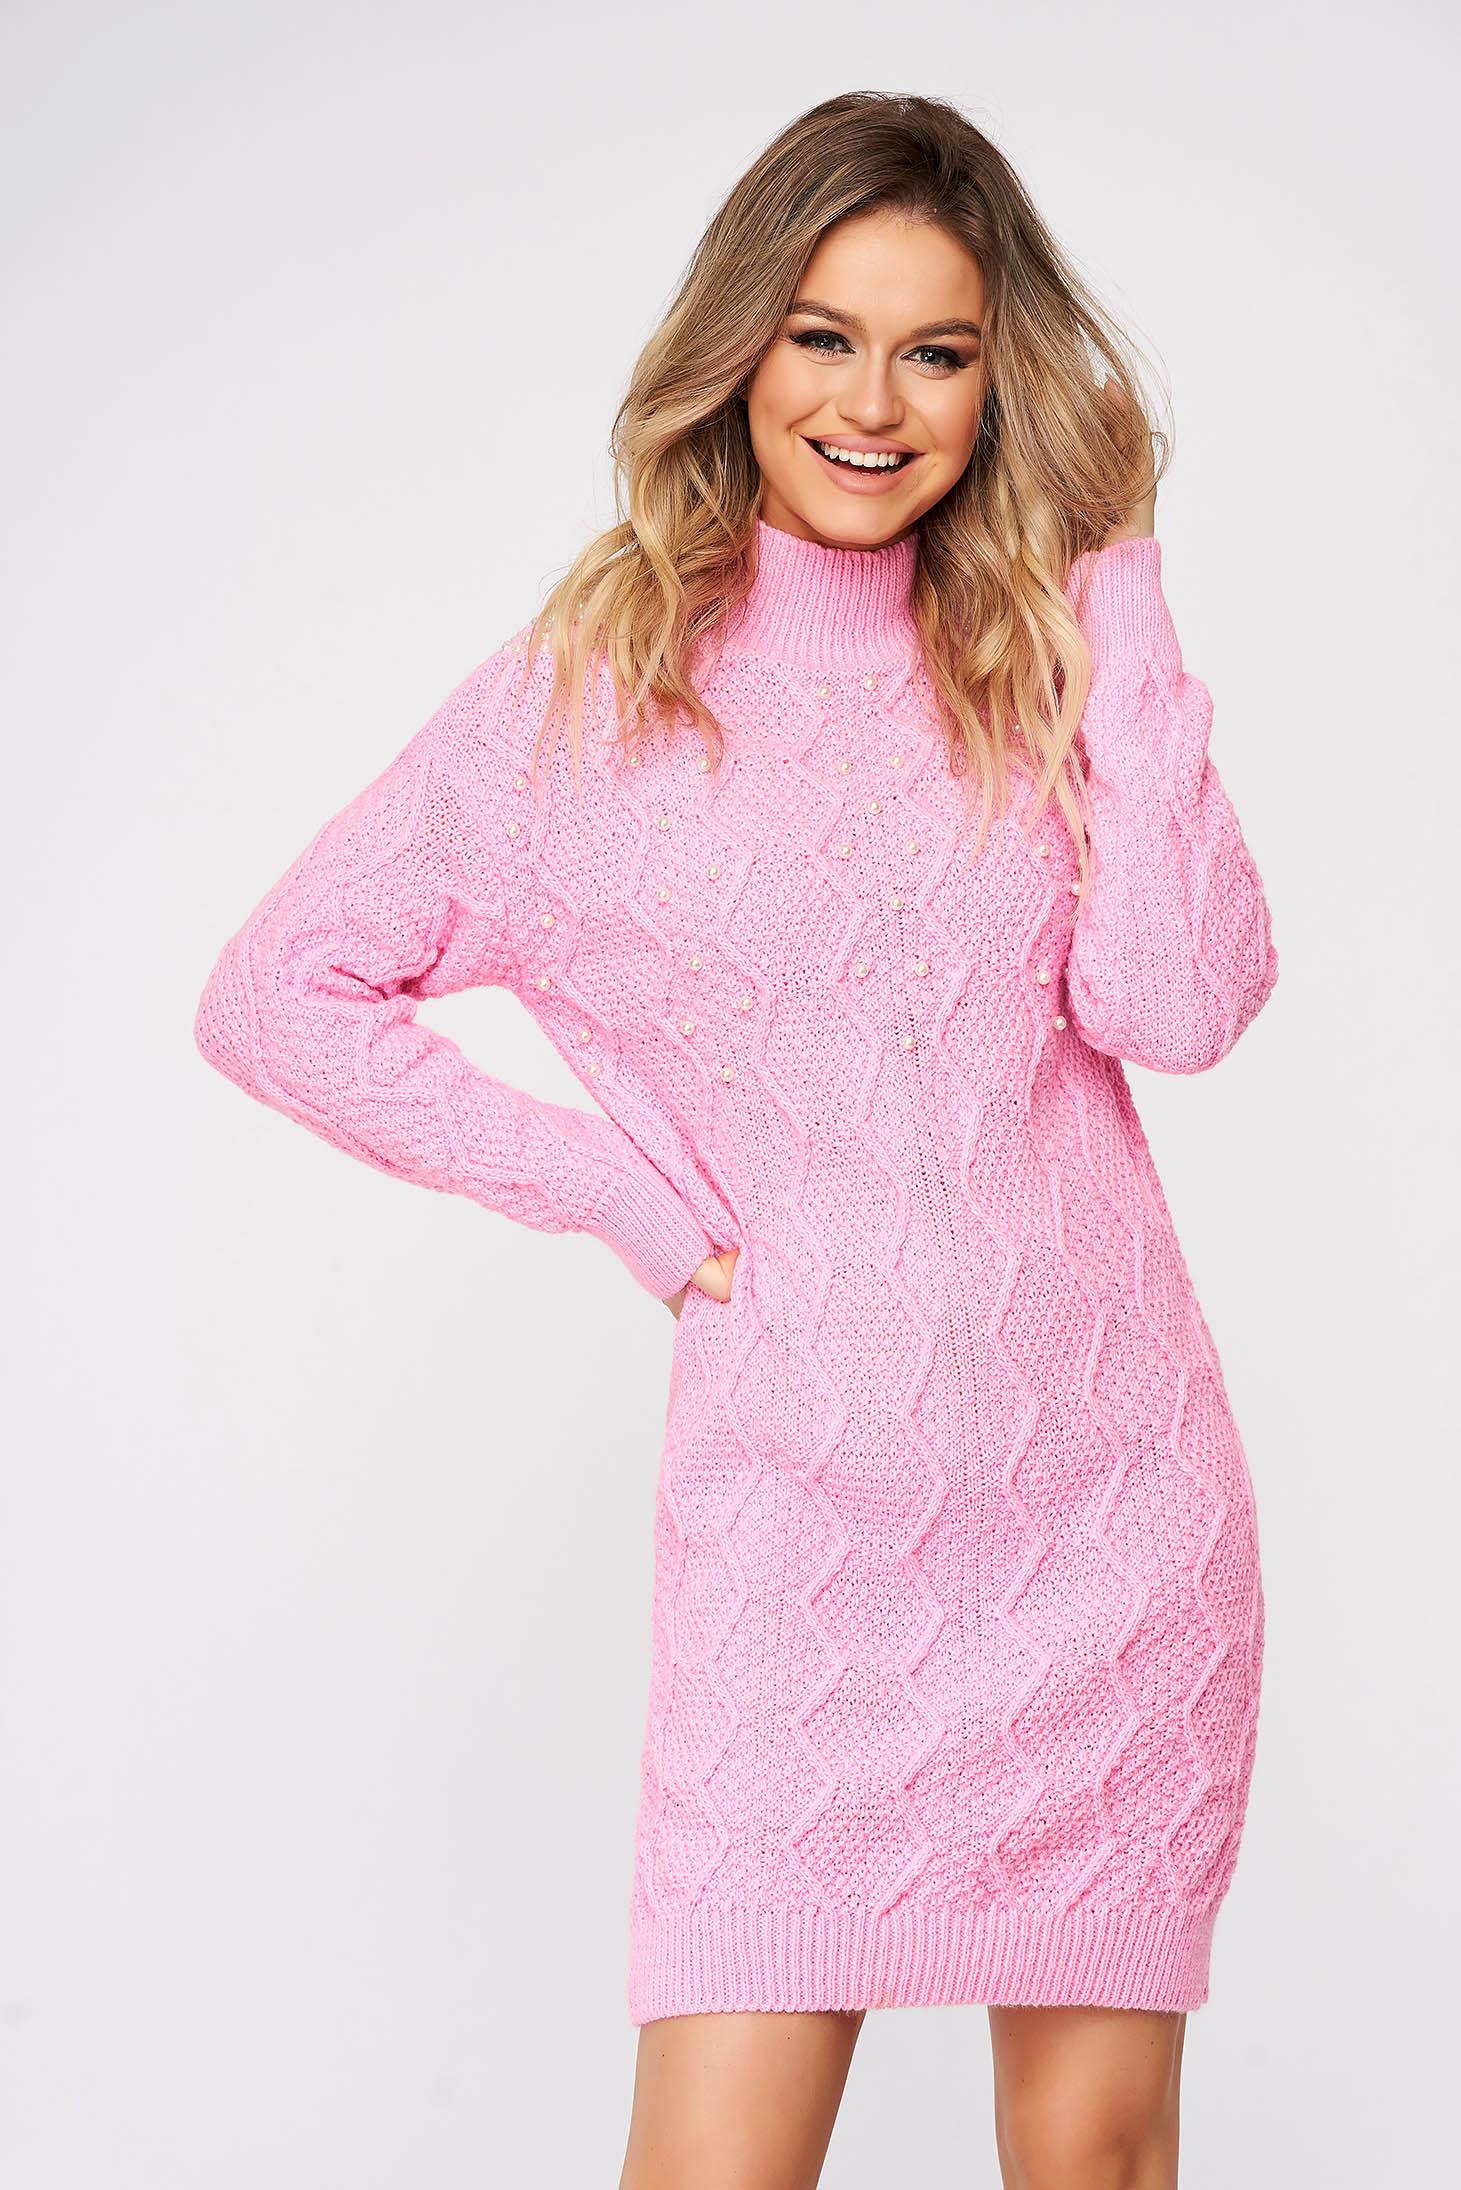 Pulover SunShine roz casual din material tricotat cu aplicatii cu perle